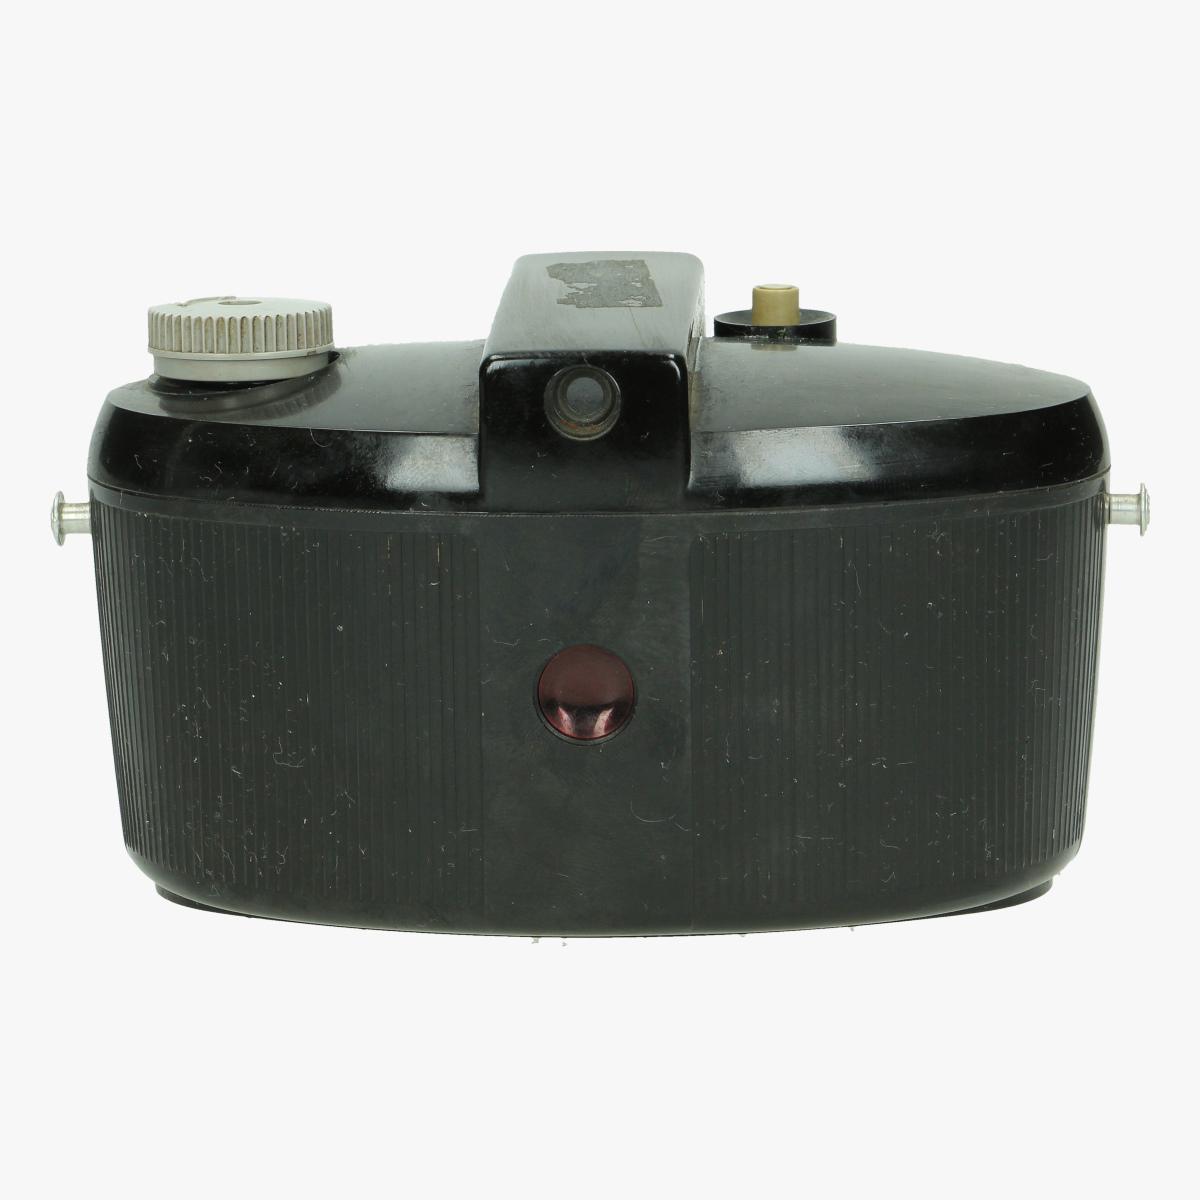 Afbeeldingen van bakelieten fotocamera kodak brownie 127 dakon lens